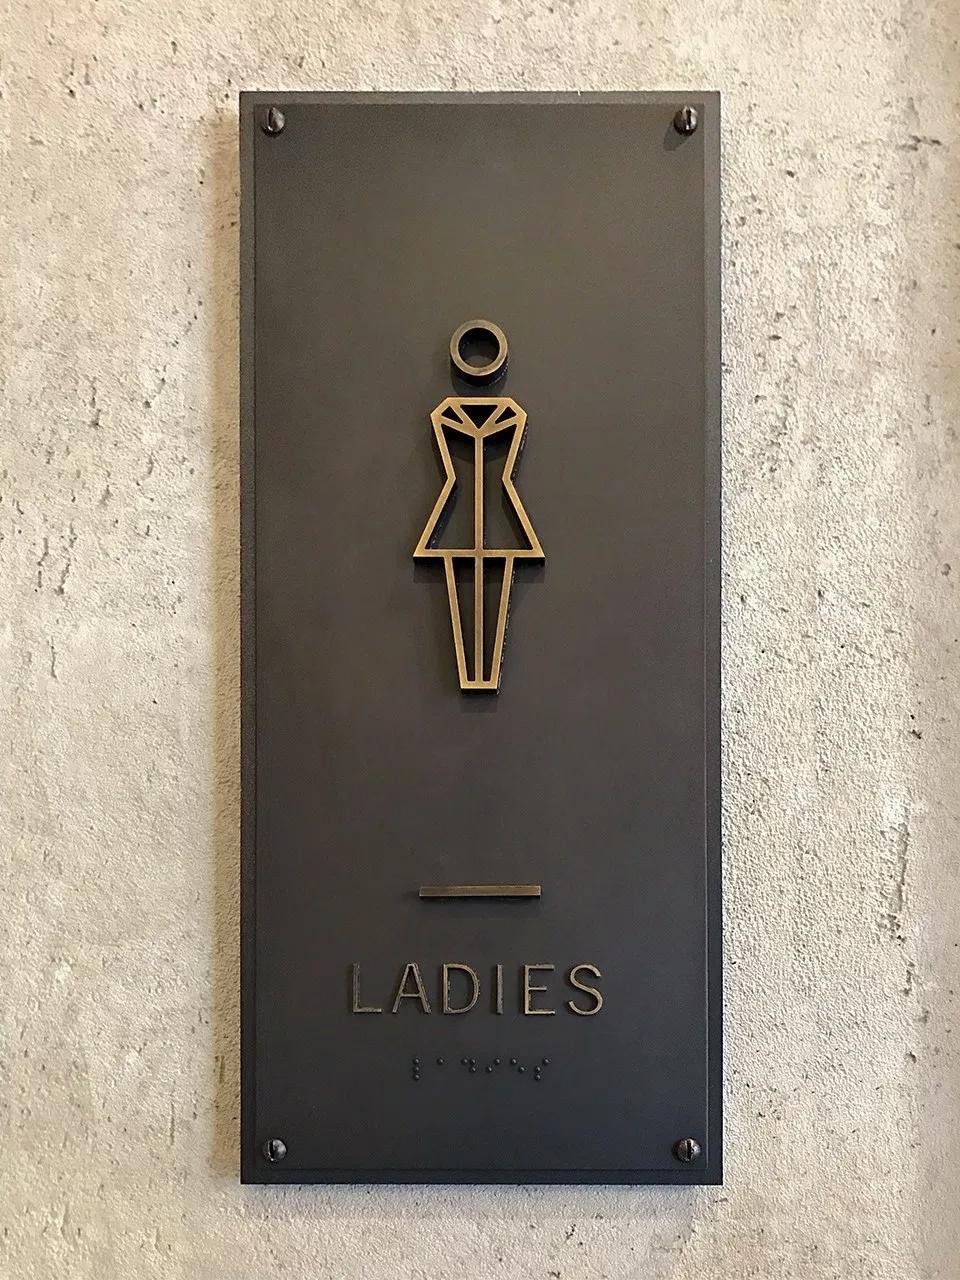 萨加摩尔潘德里酒店标识系统设计 © ashton-design